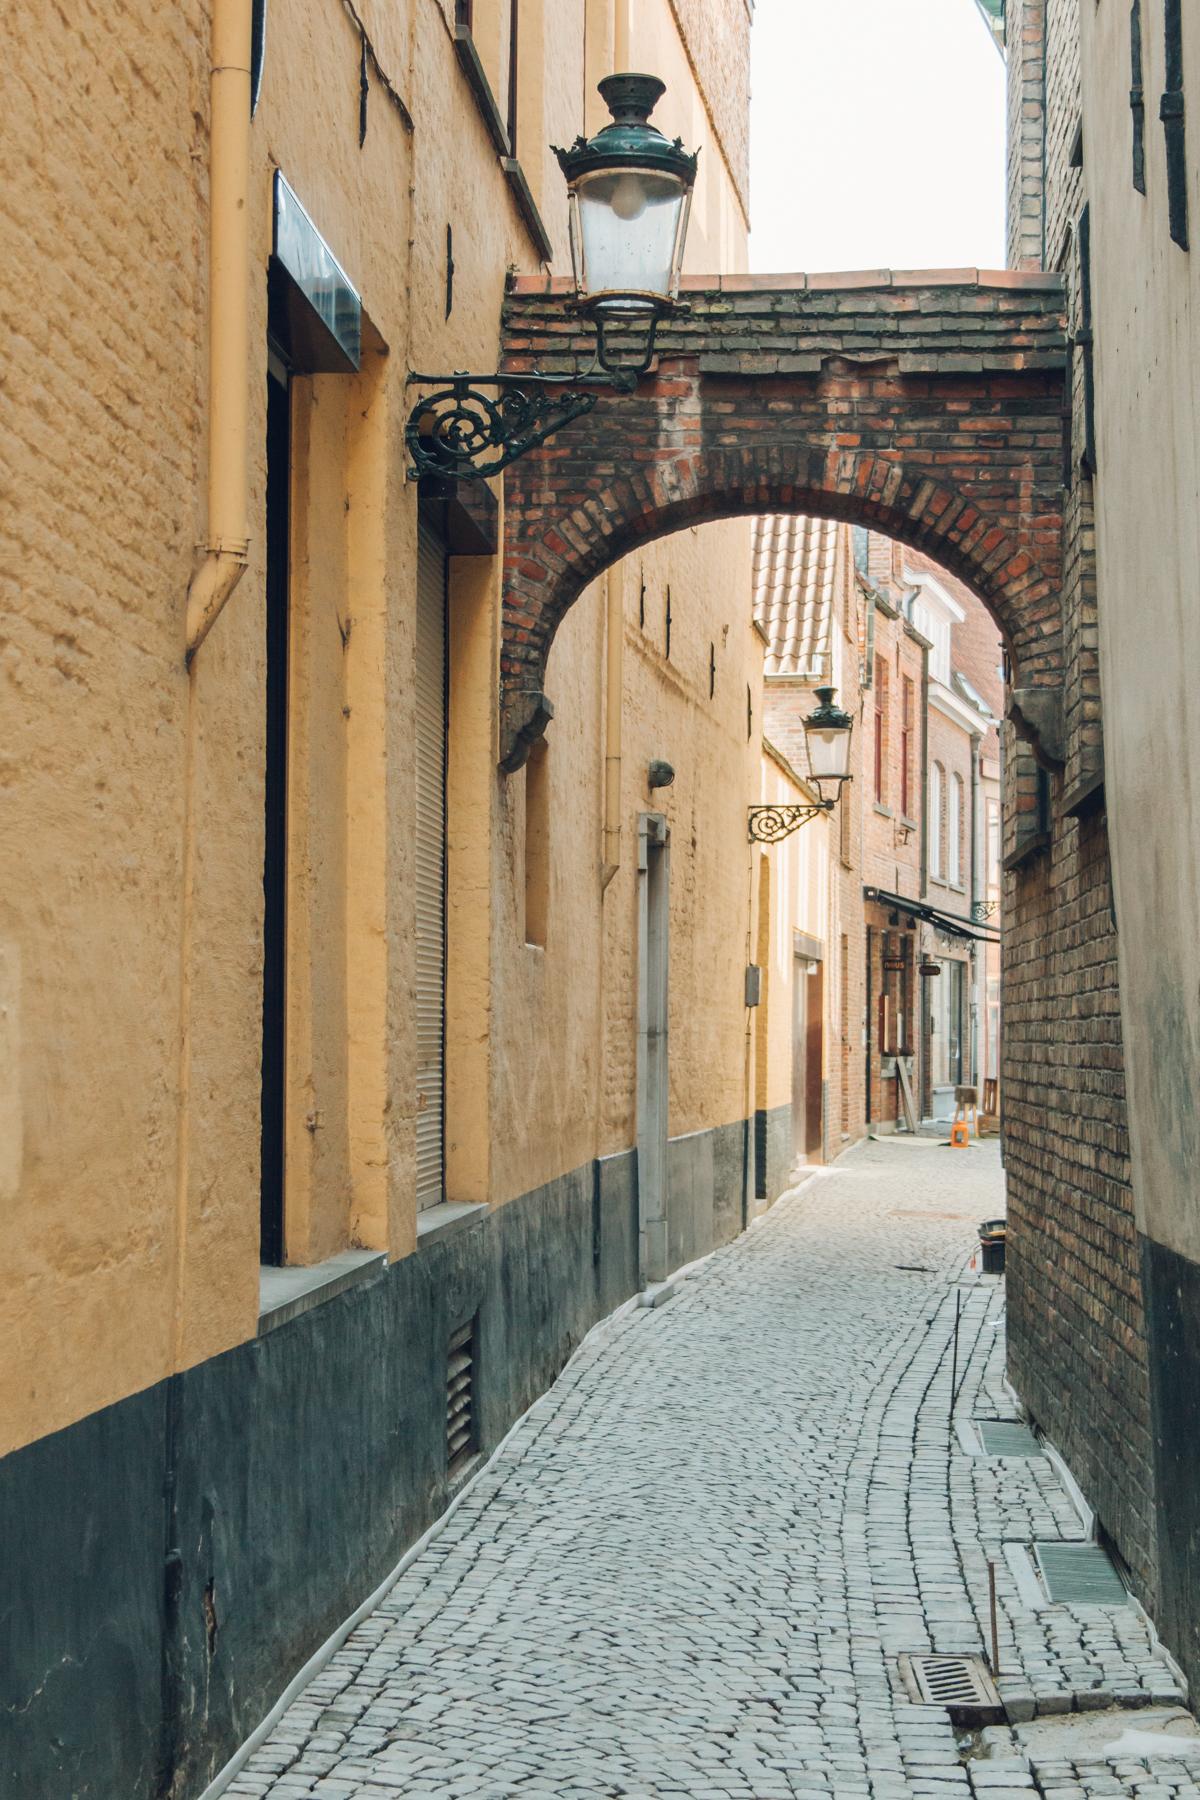 Exploring architecture in Bruges, Belgium.